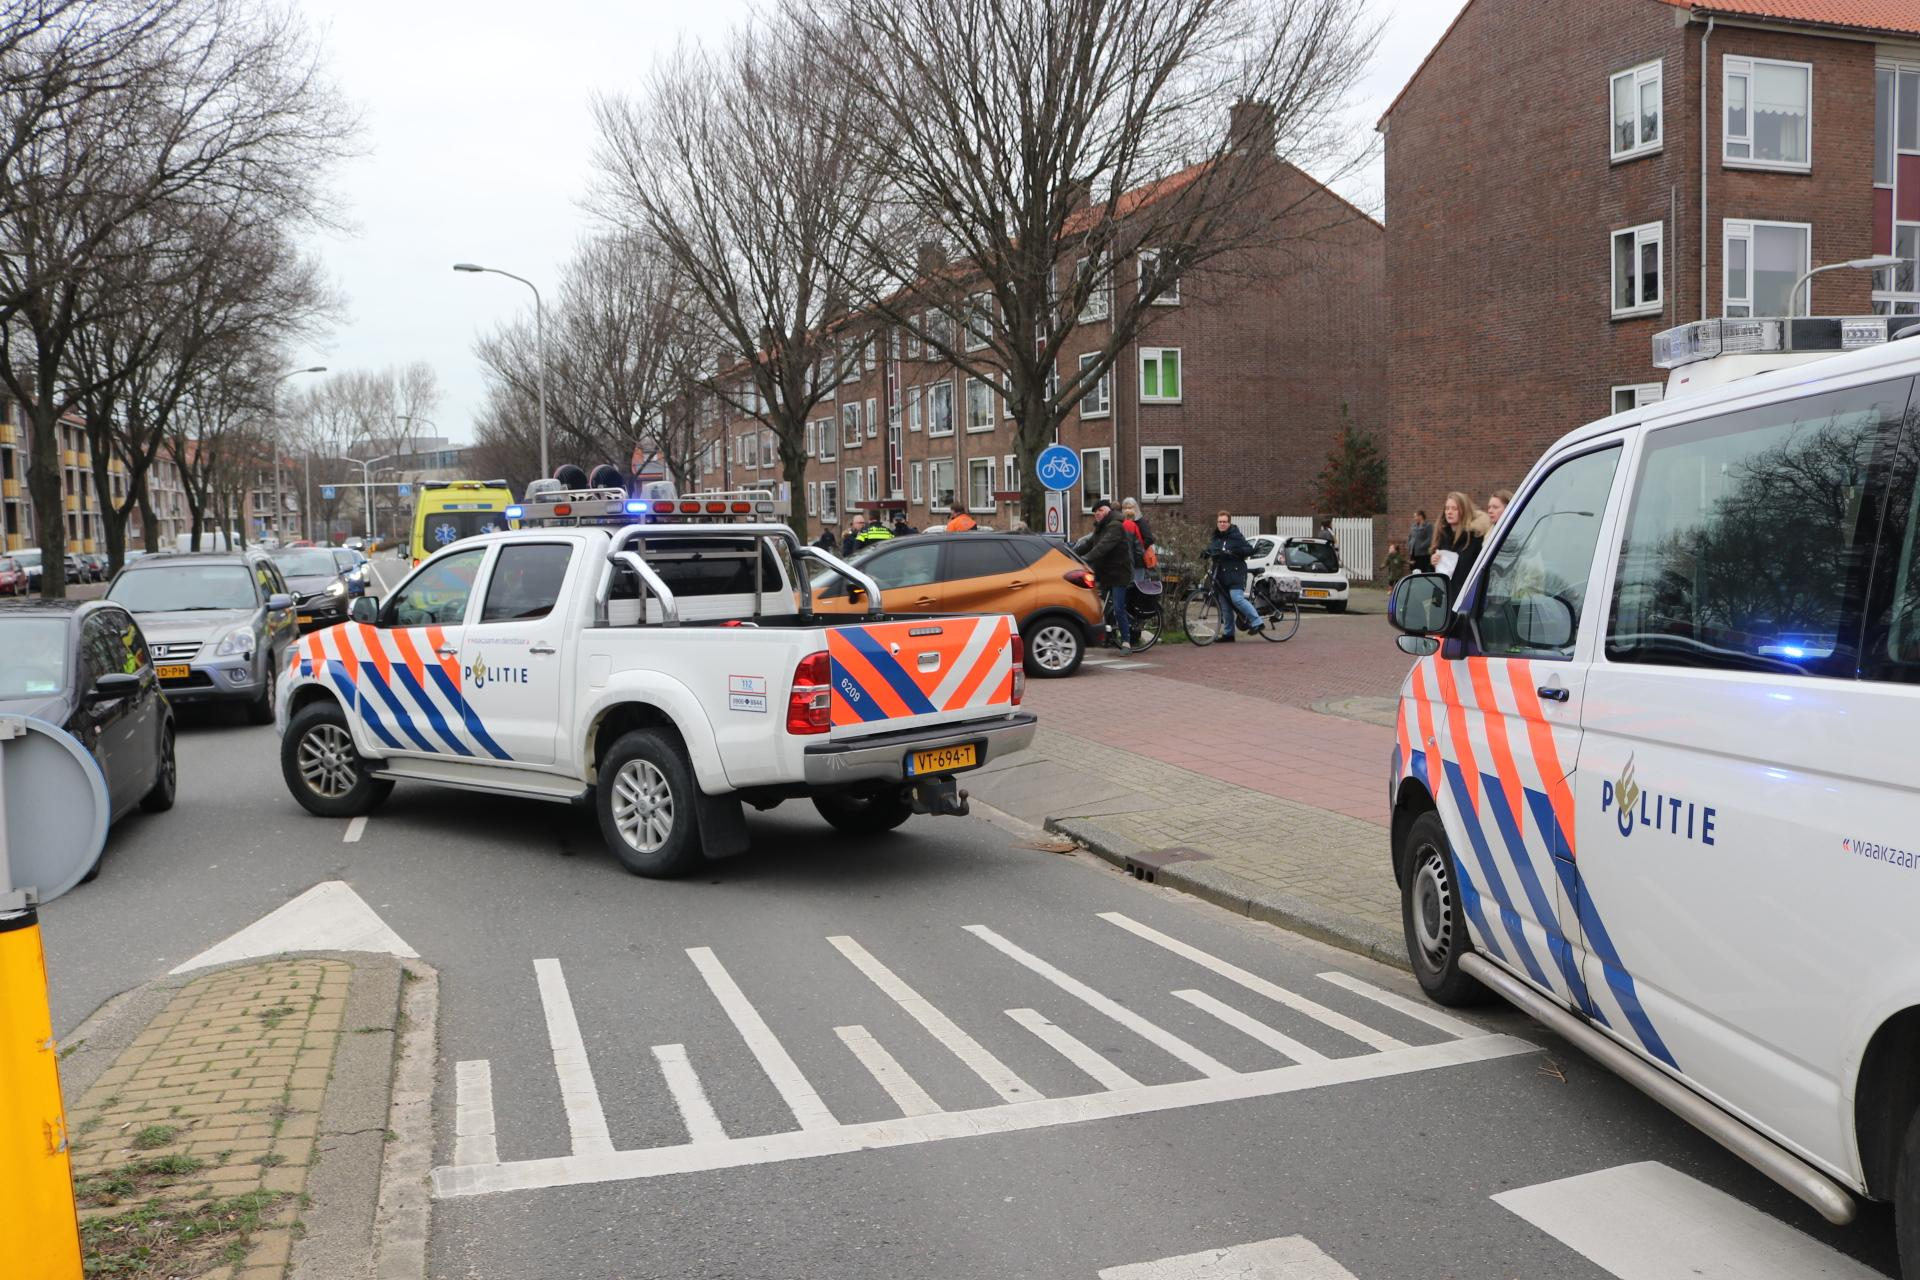 Postbode op fiets aangereden in Katwijk, verkeer op Karel Doormanlaan loopt vast